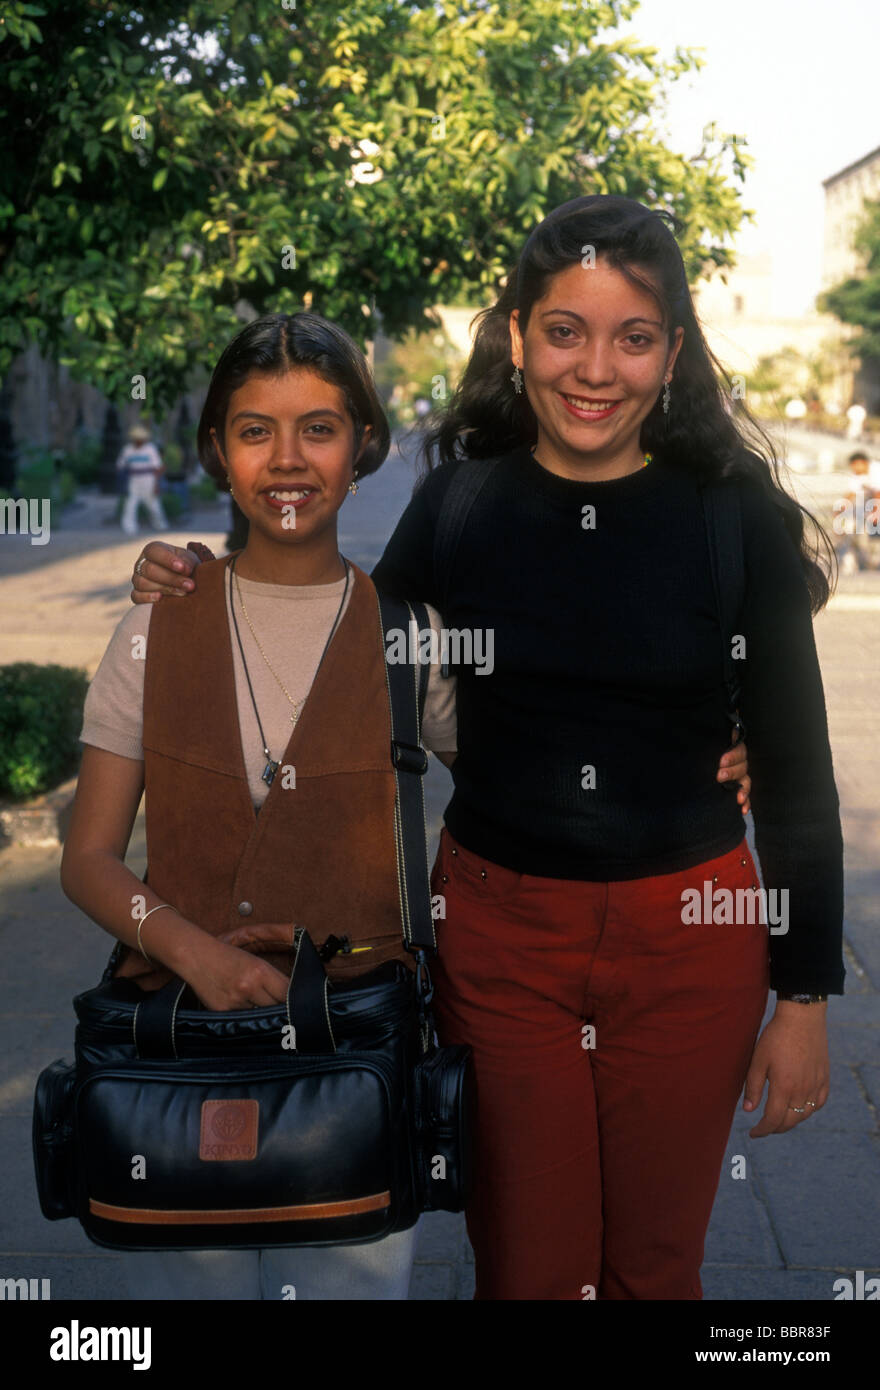 Guadalajara Frauen